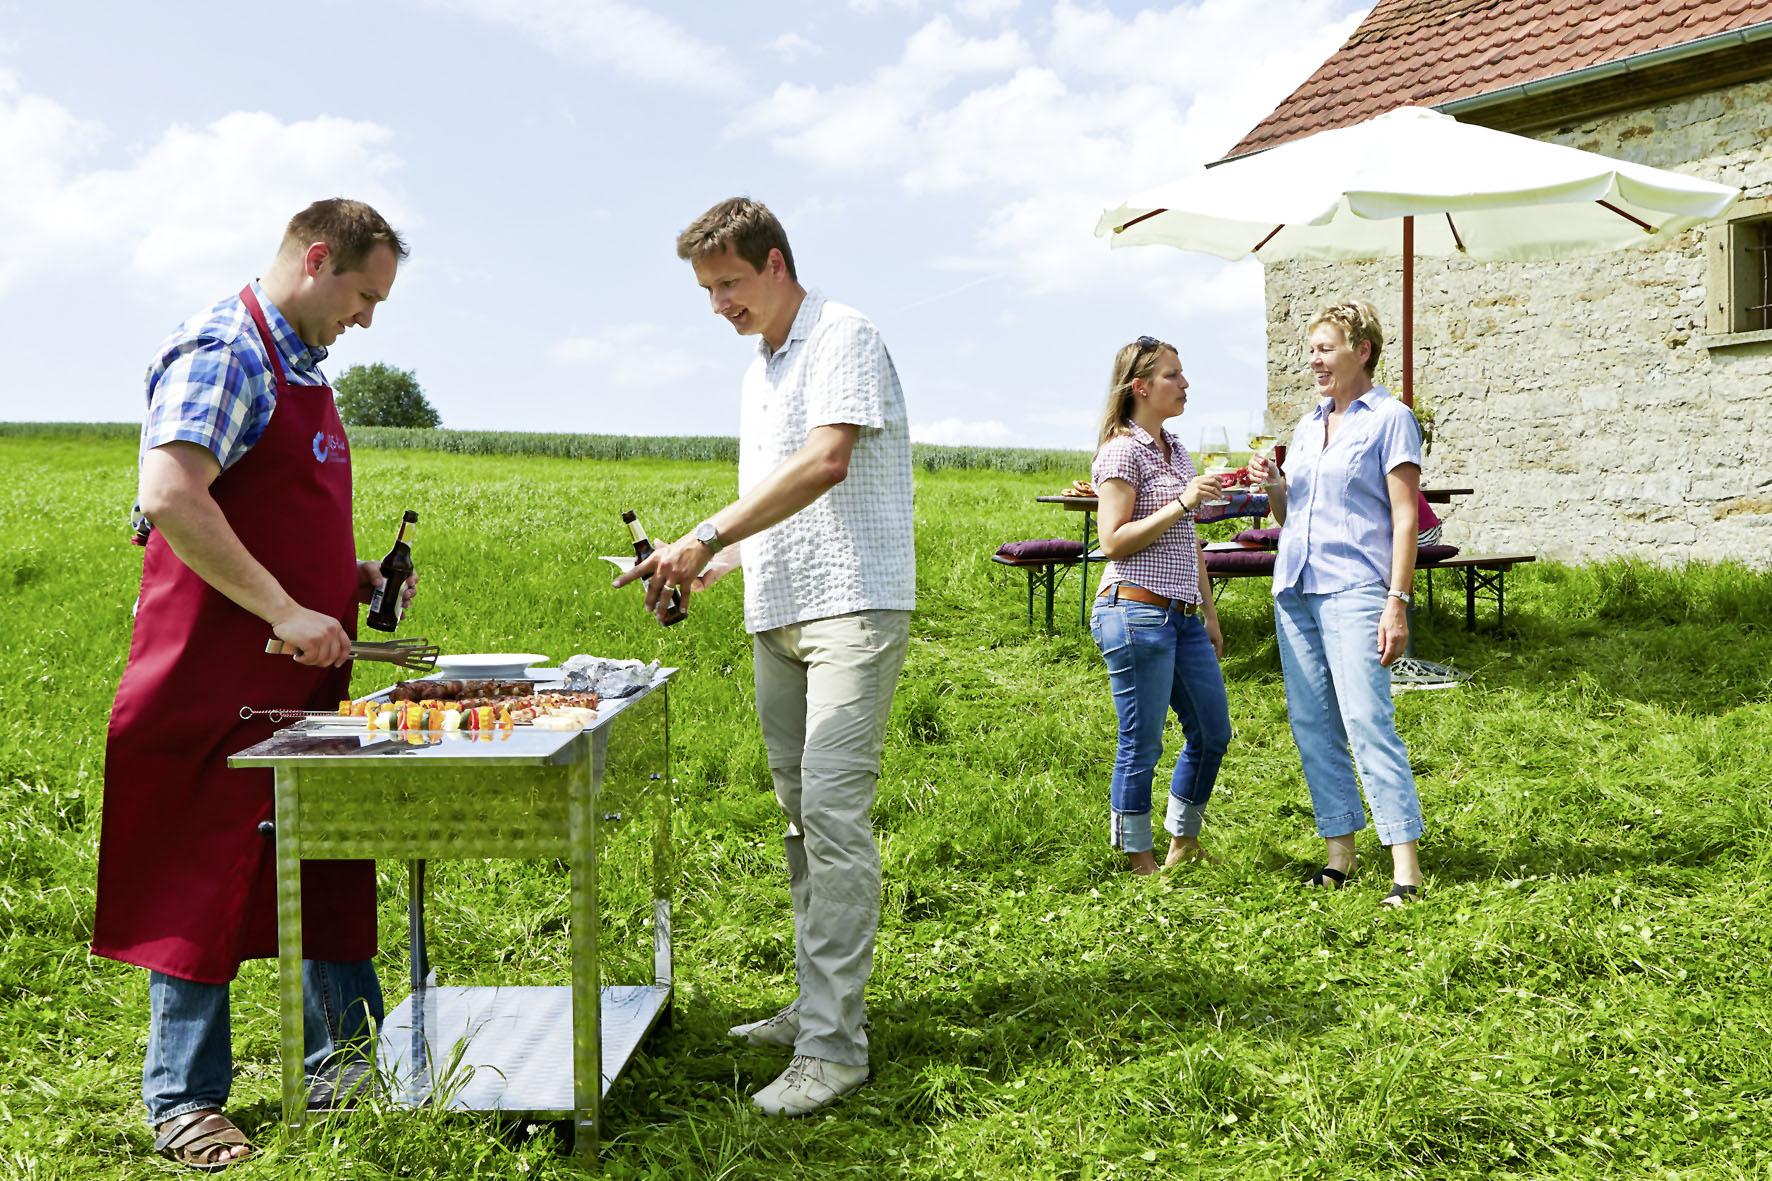 Im Freien Gartenparty feiern - so genießt man den Sommer von seiner schönsten Seite.